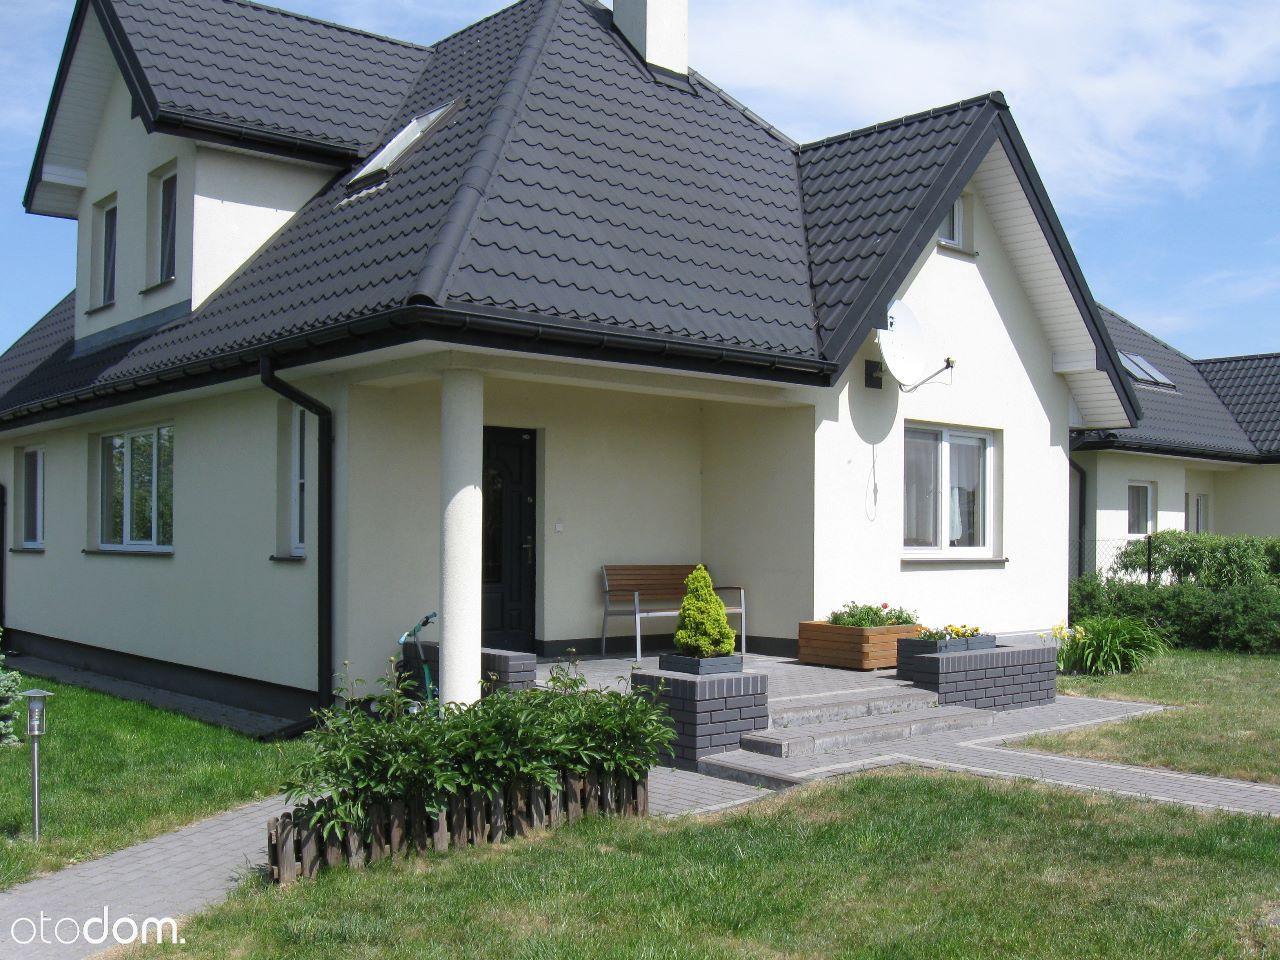 Dom na sprzedaż, Dominów, lubelski, lubelskie - Foto 2